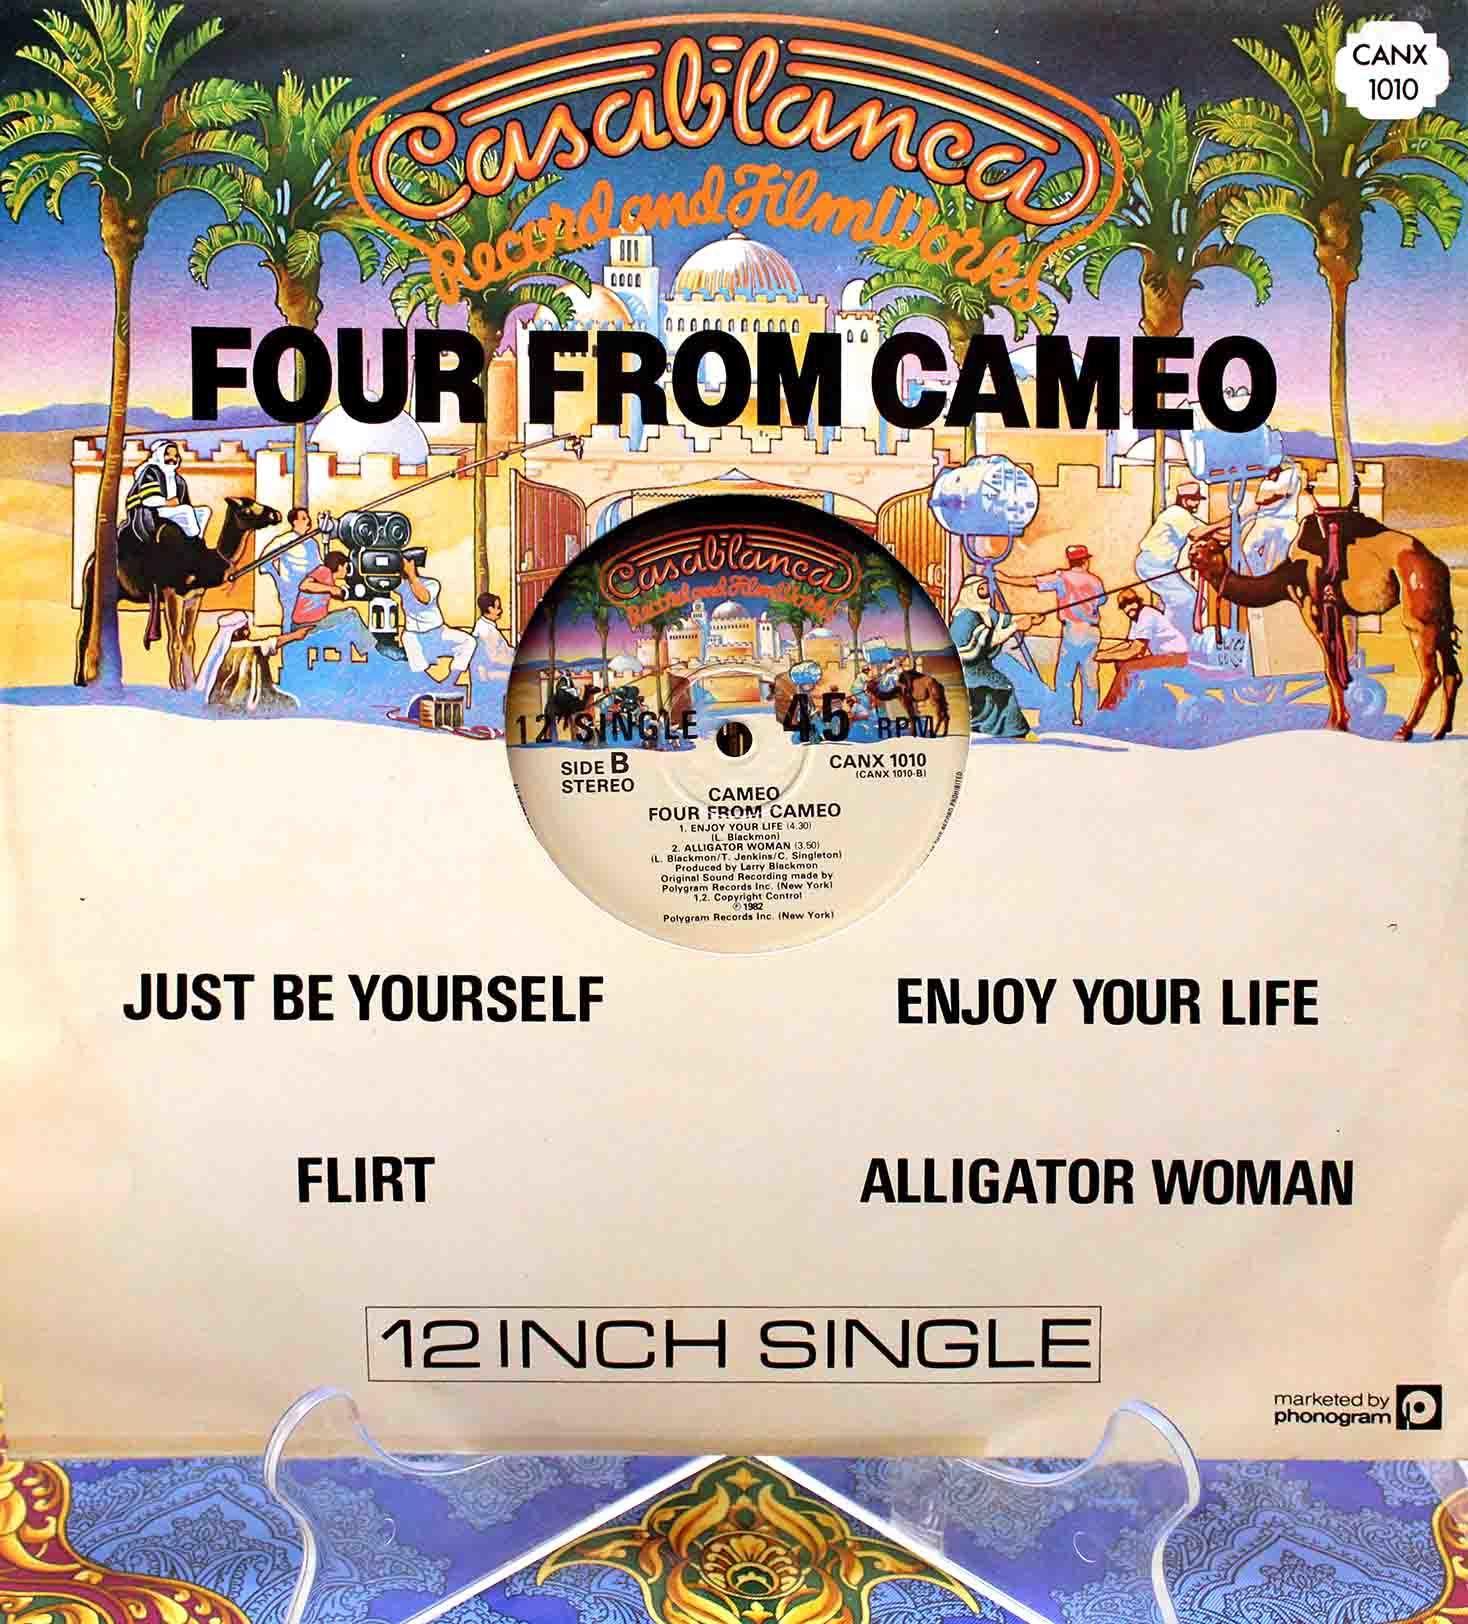 Cameo Enjoy Your Life 01